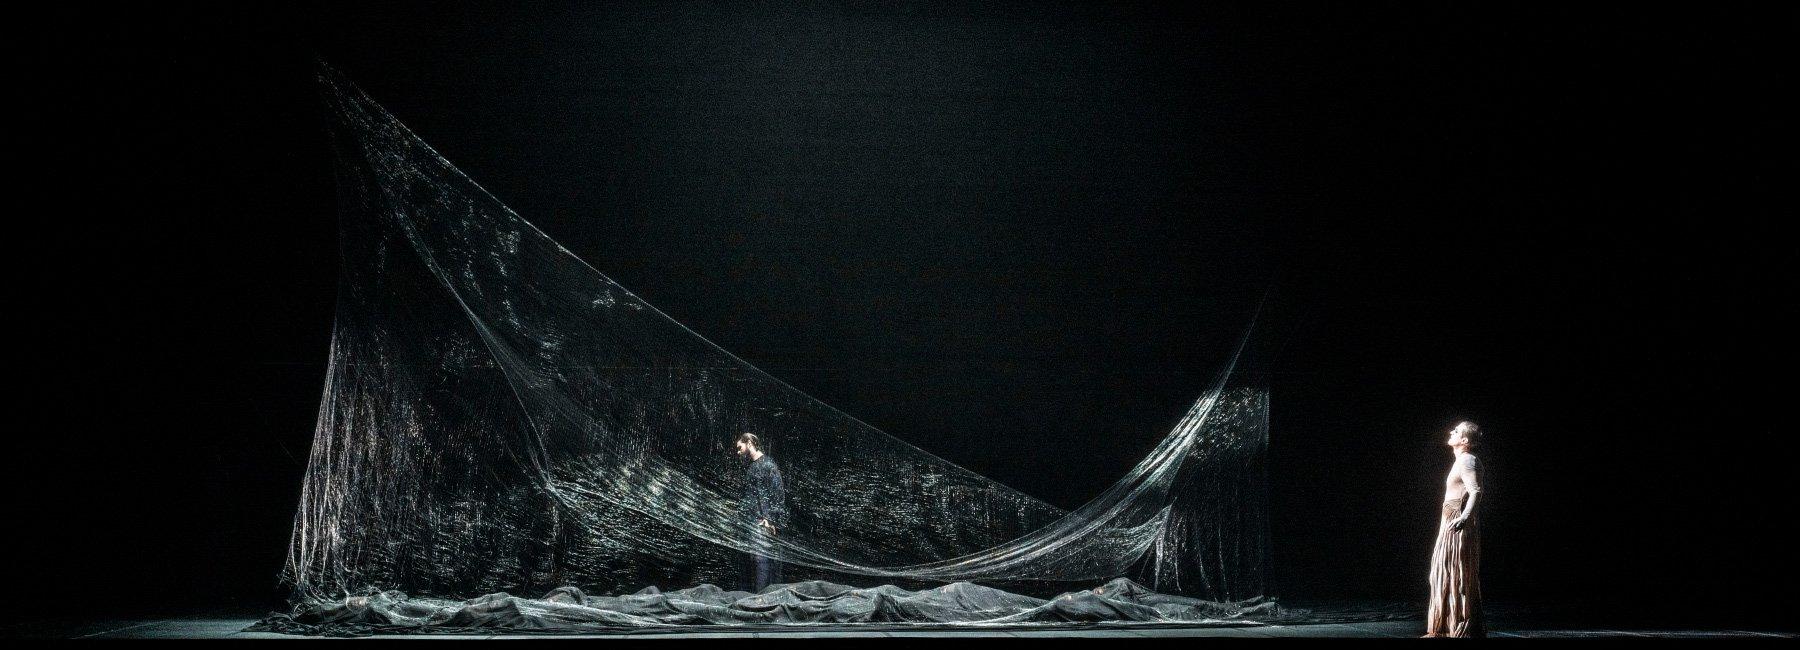 超震撼手工编织变形装置助力经典歌剧